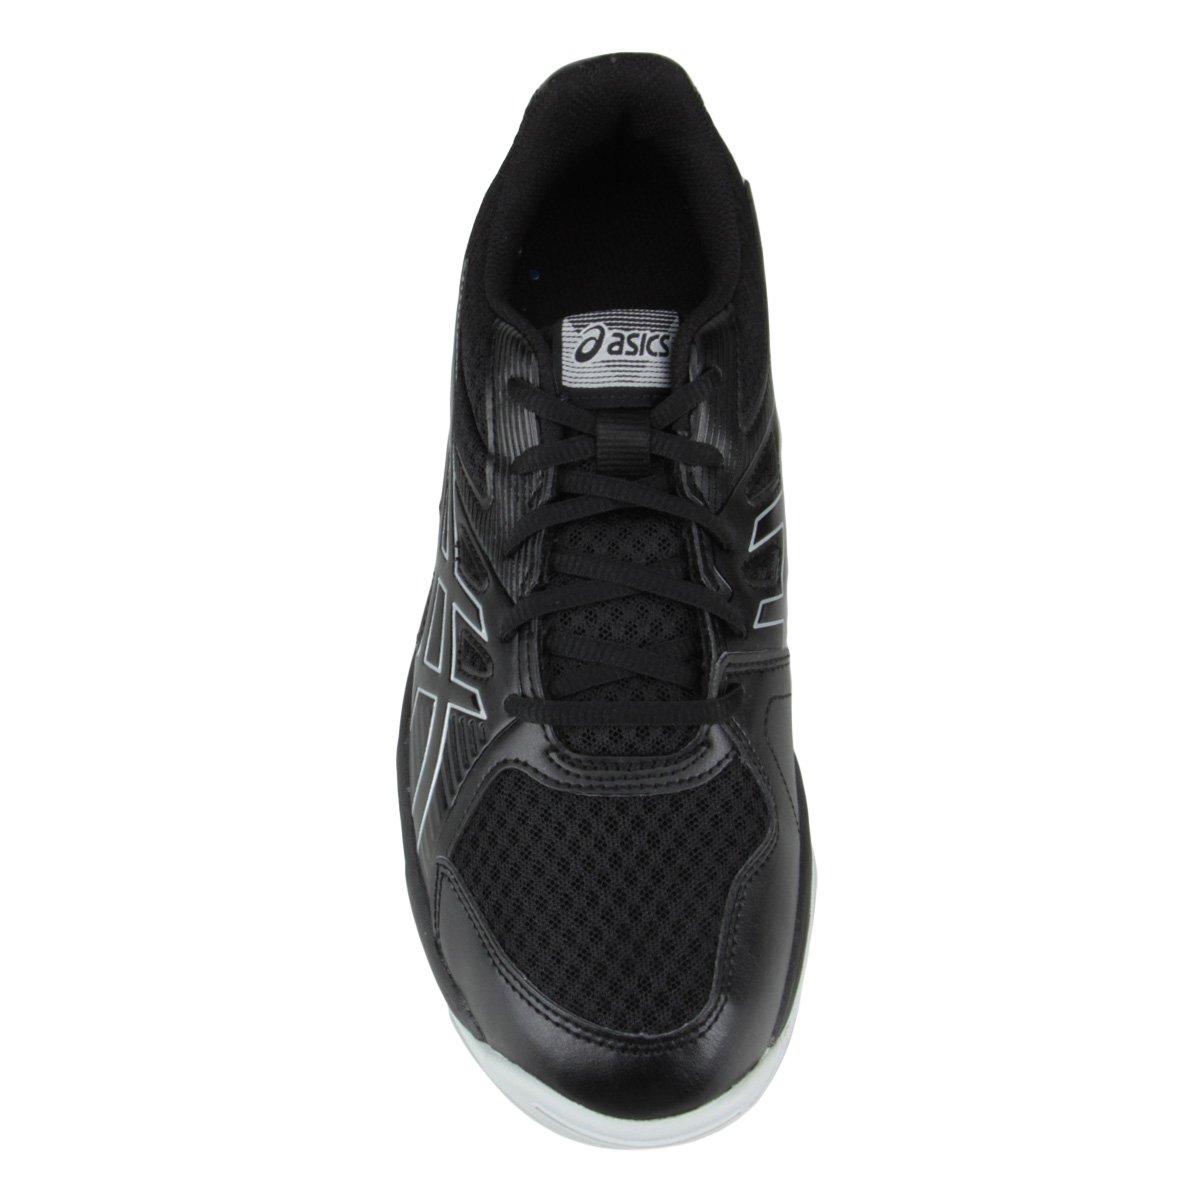 Tênis Asics Upcourt 3 Masculino - Preto - Compre Agora  2783562eff4a9